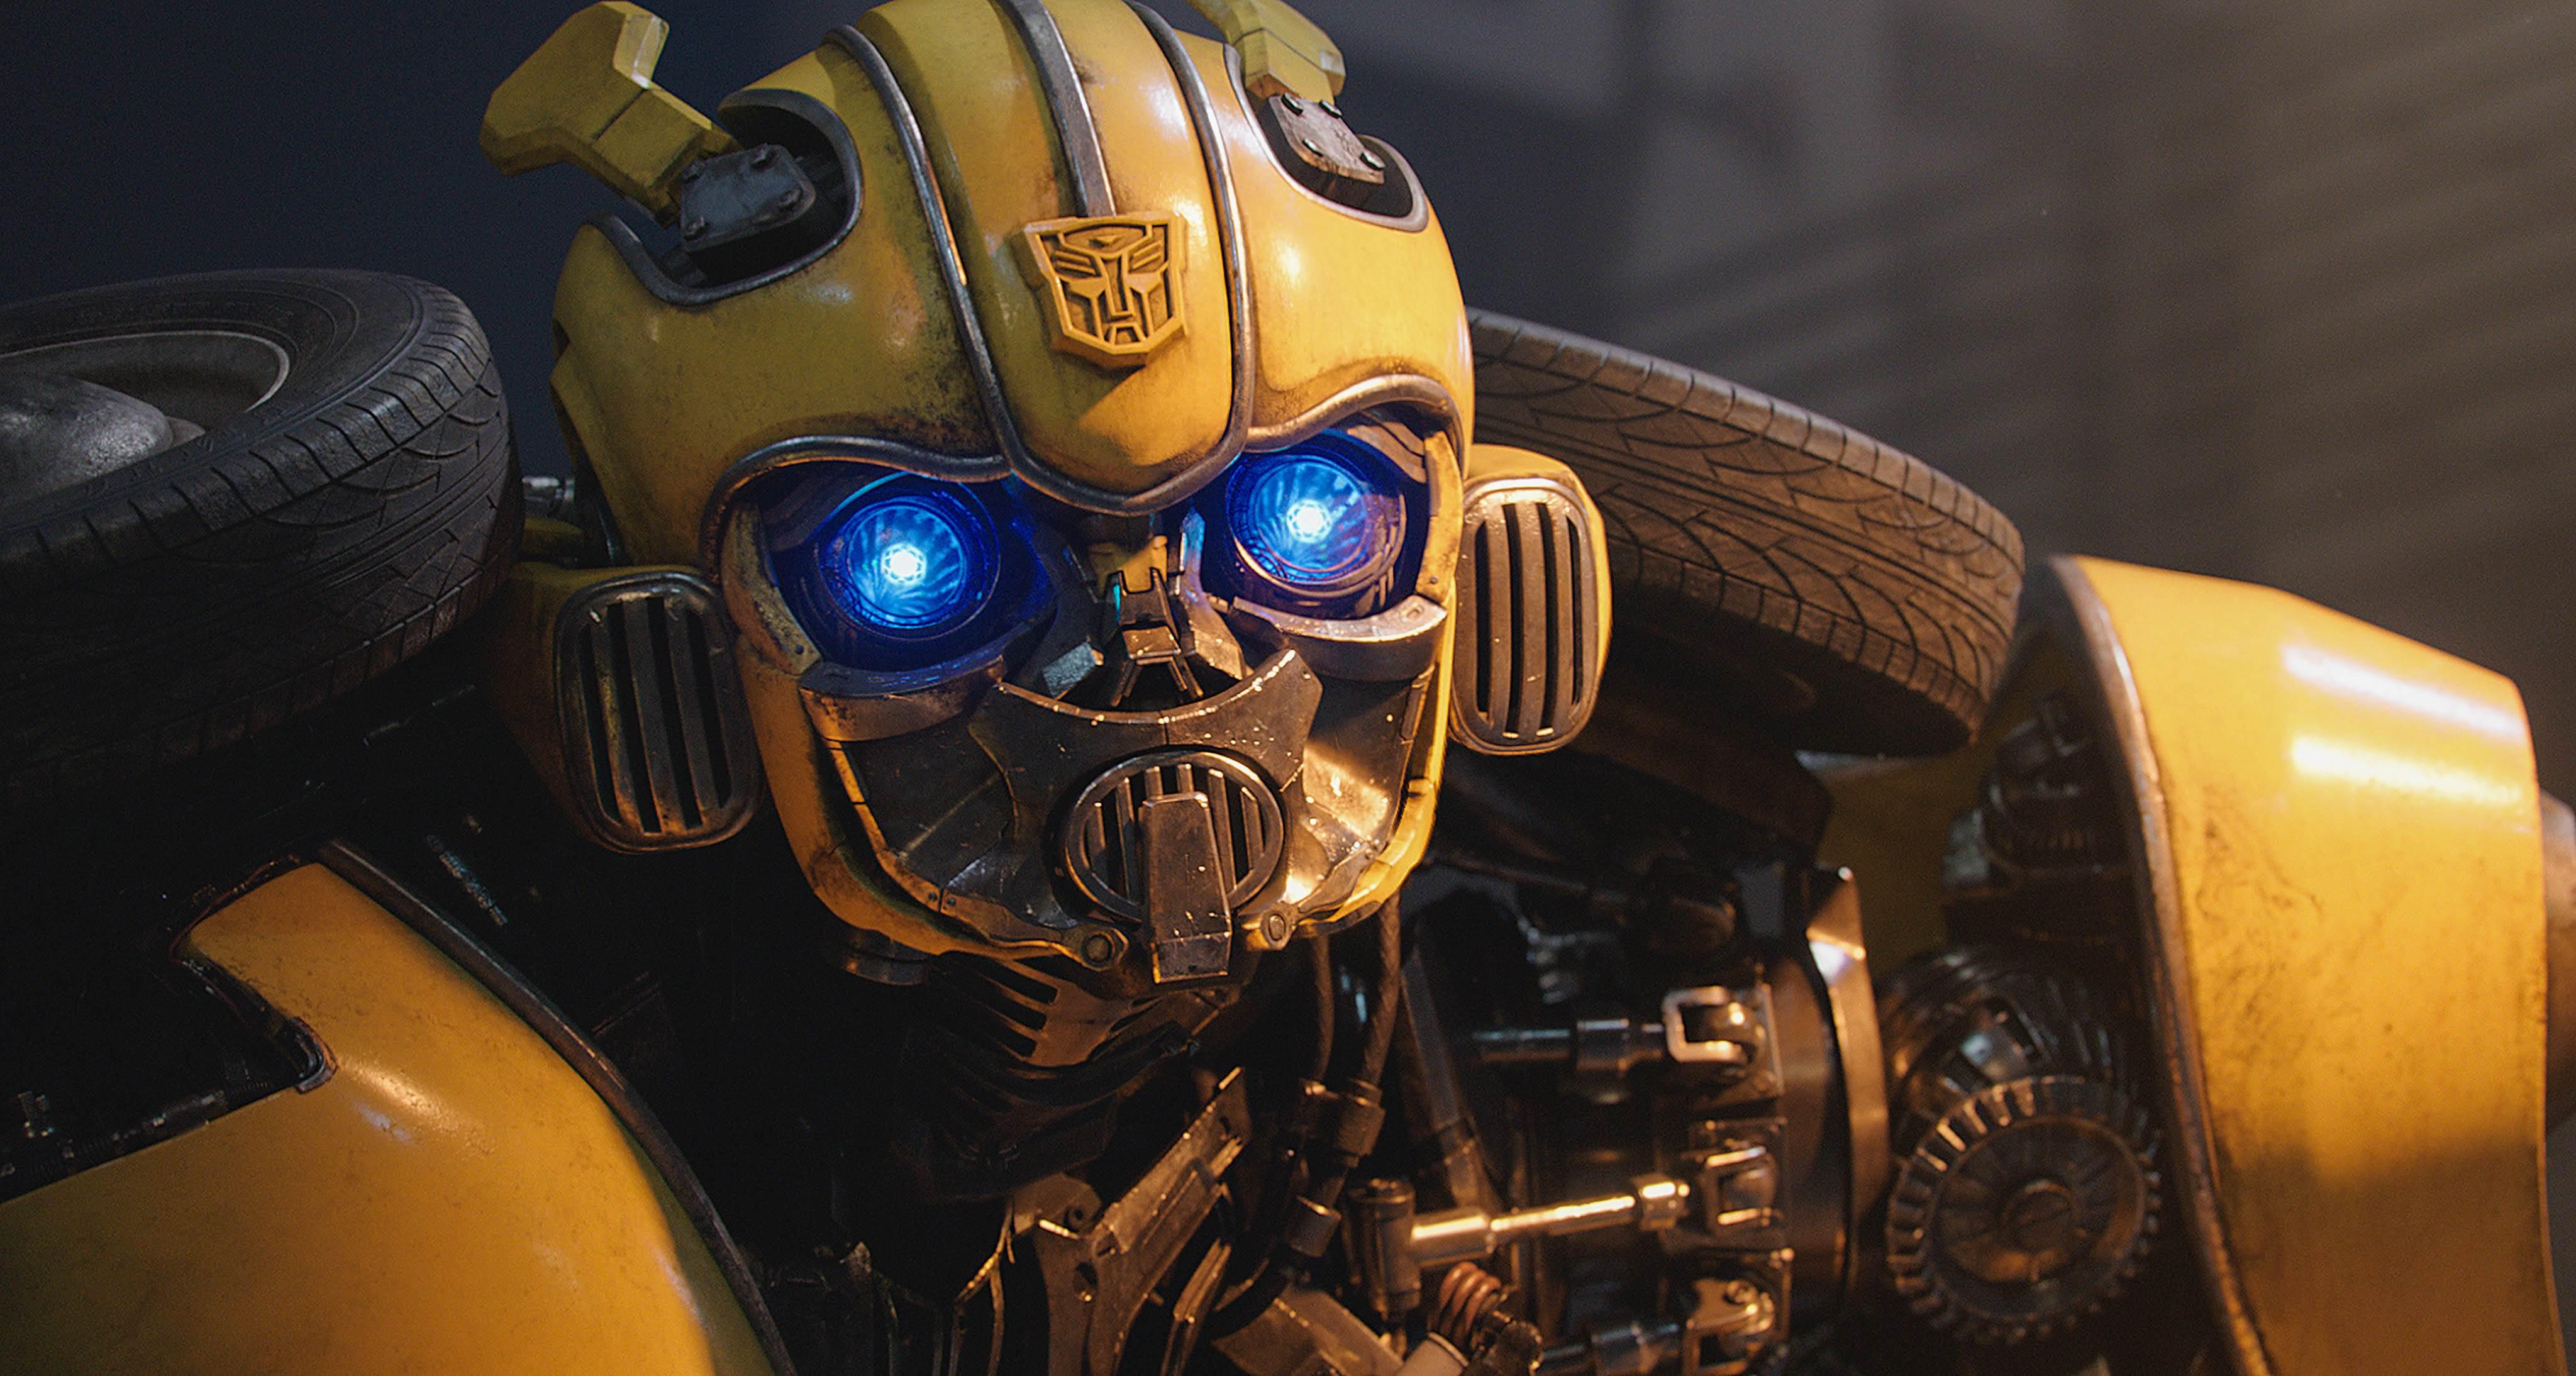 Box Office : 12月21日~23日の全米映画ボックスオフィスTOP5 -「トランスフォーマー」の殻を破り、ヘイリー・スタインフェルドちゃんとオートボットの友情と成長の物語を描いて、万人に愛される感動作の「バンブルビー」が期待にそうヒットの初登場第3位 ! !